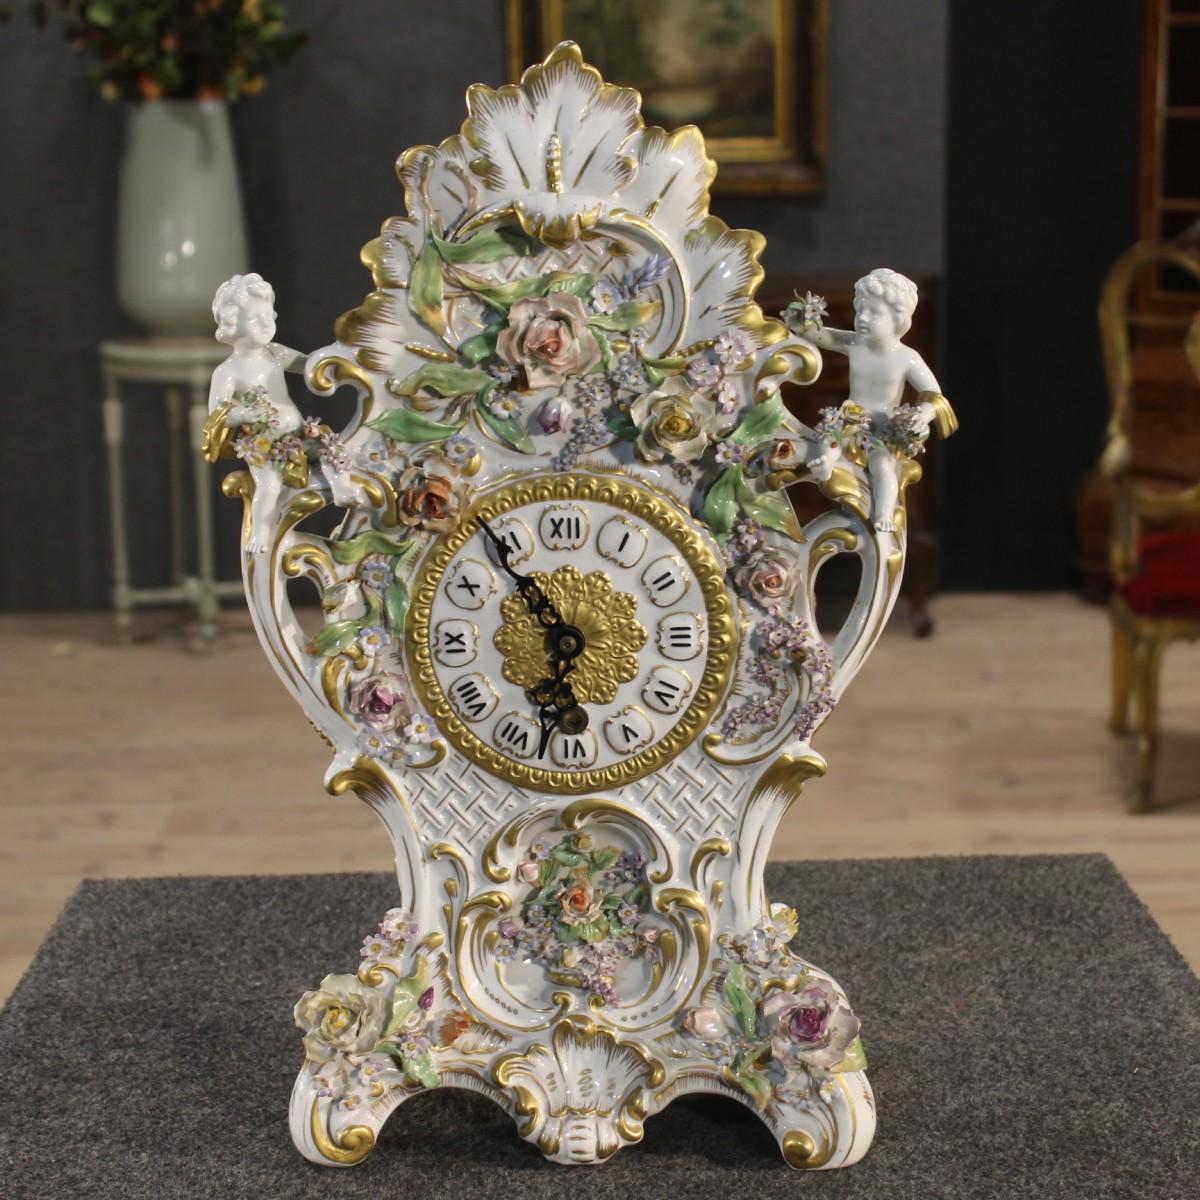 Orologi antichi nell 39 arredamento - Orologio a pendolo da tavolo ...